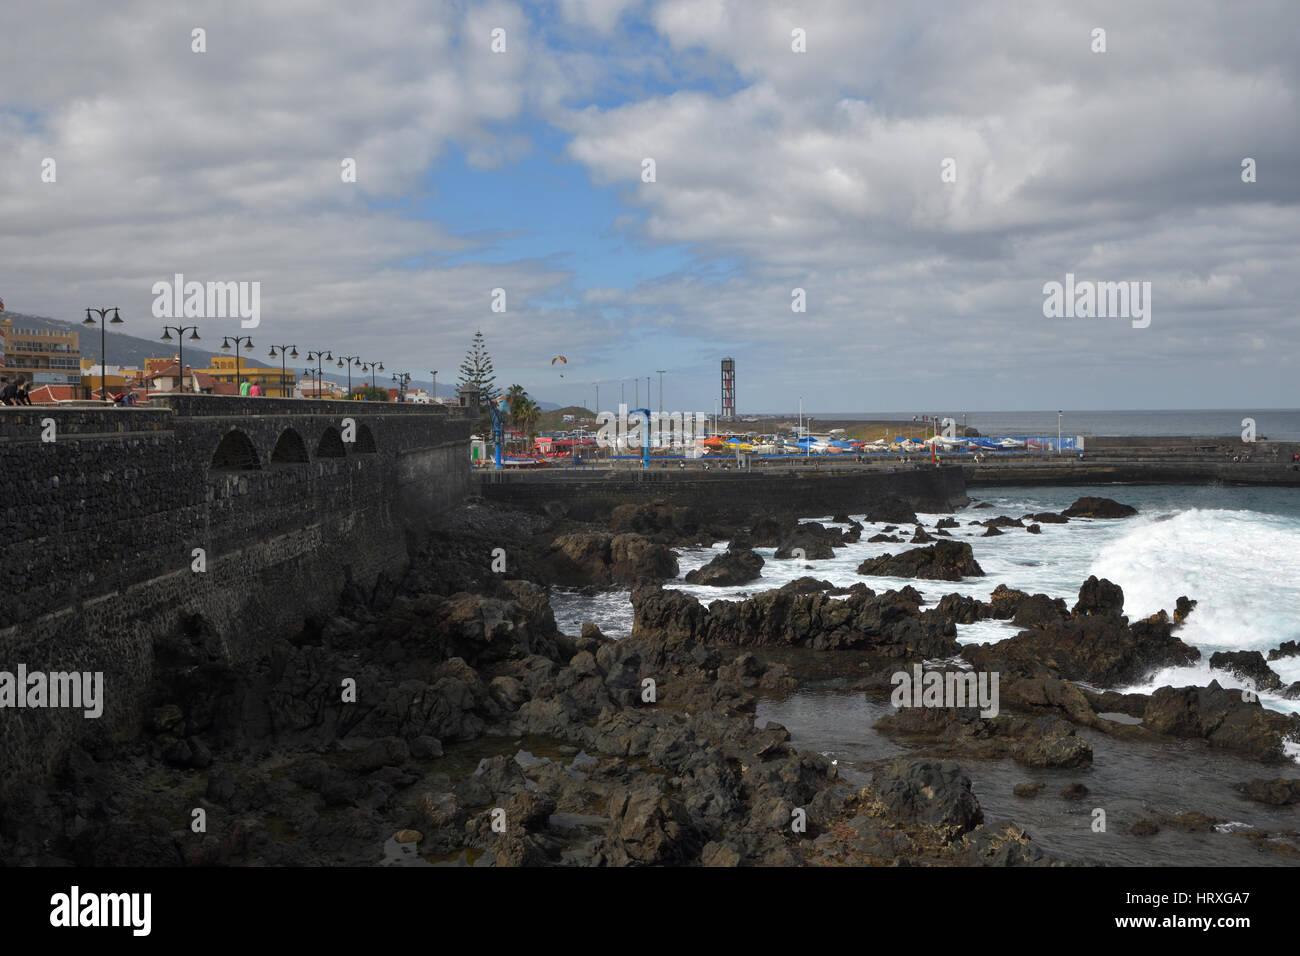 Puerto en el reflujo de la marea, imagen desde el Puerto de la Cruz Tenerife España. Foto de stock